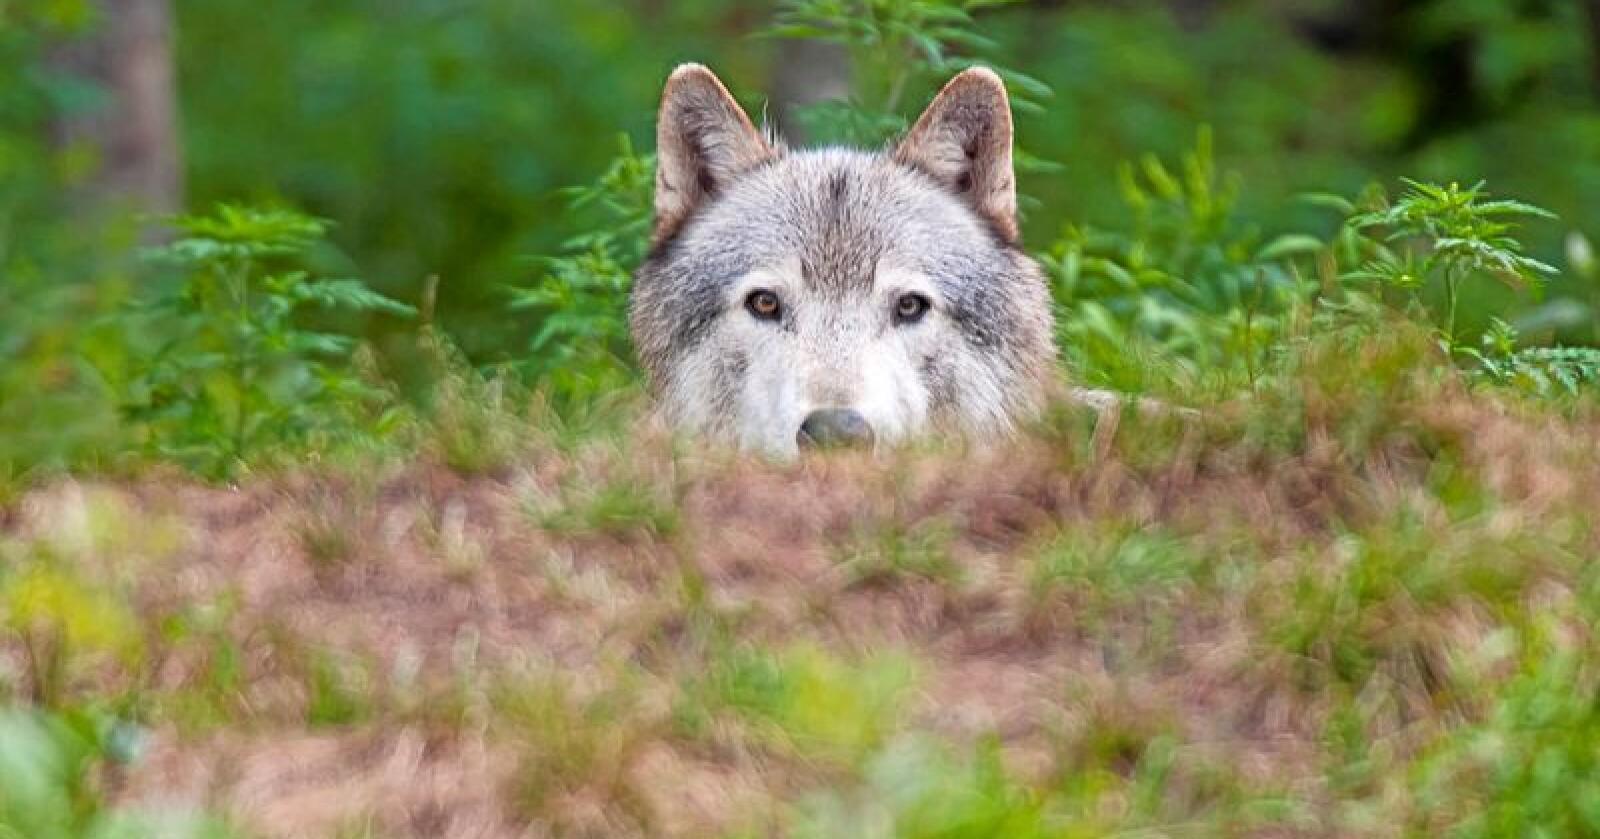 Jaktkvoter på ulv var tema under onsdagens møte mellom Rovviltnemndene i regionene 4 og 5 mandag. Foto: Colourbox